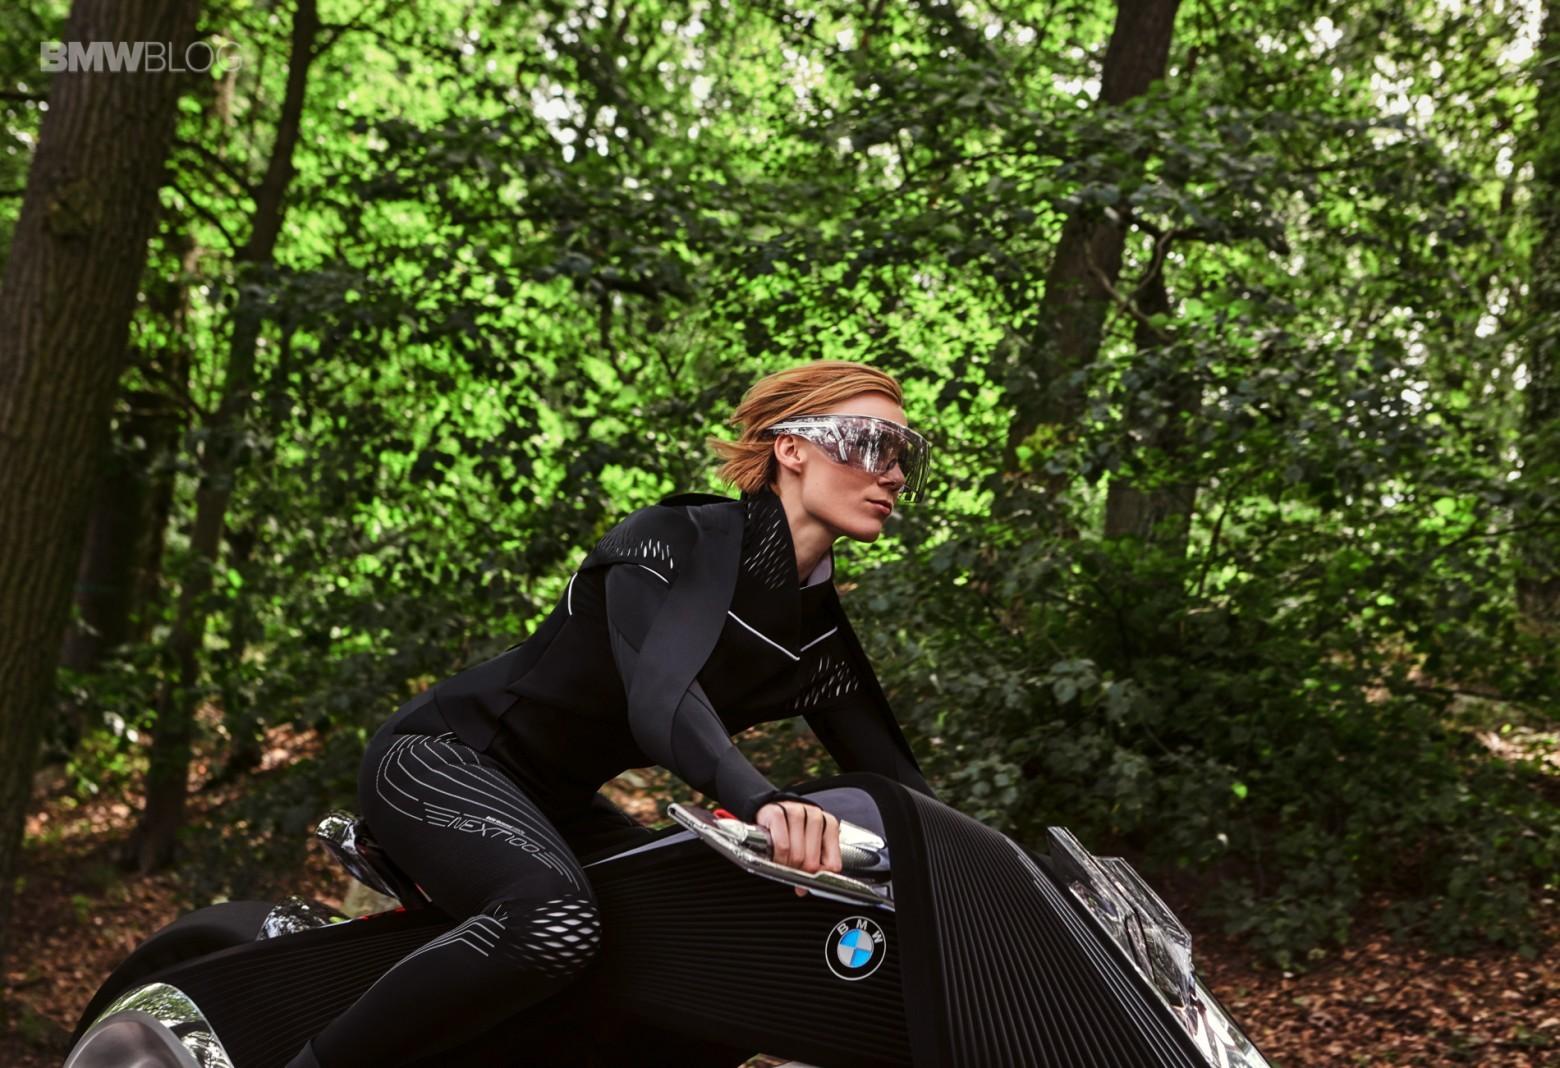 Концепт гибкого мотоцикла BMW Motorrad VISION NEXT 100 - 13